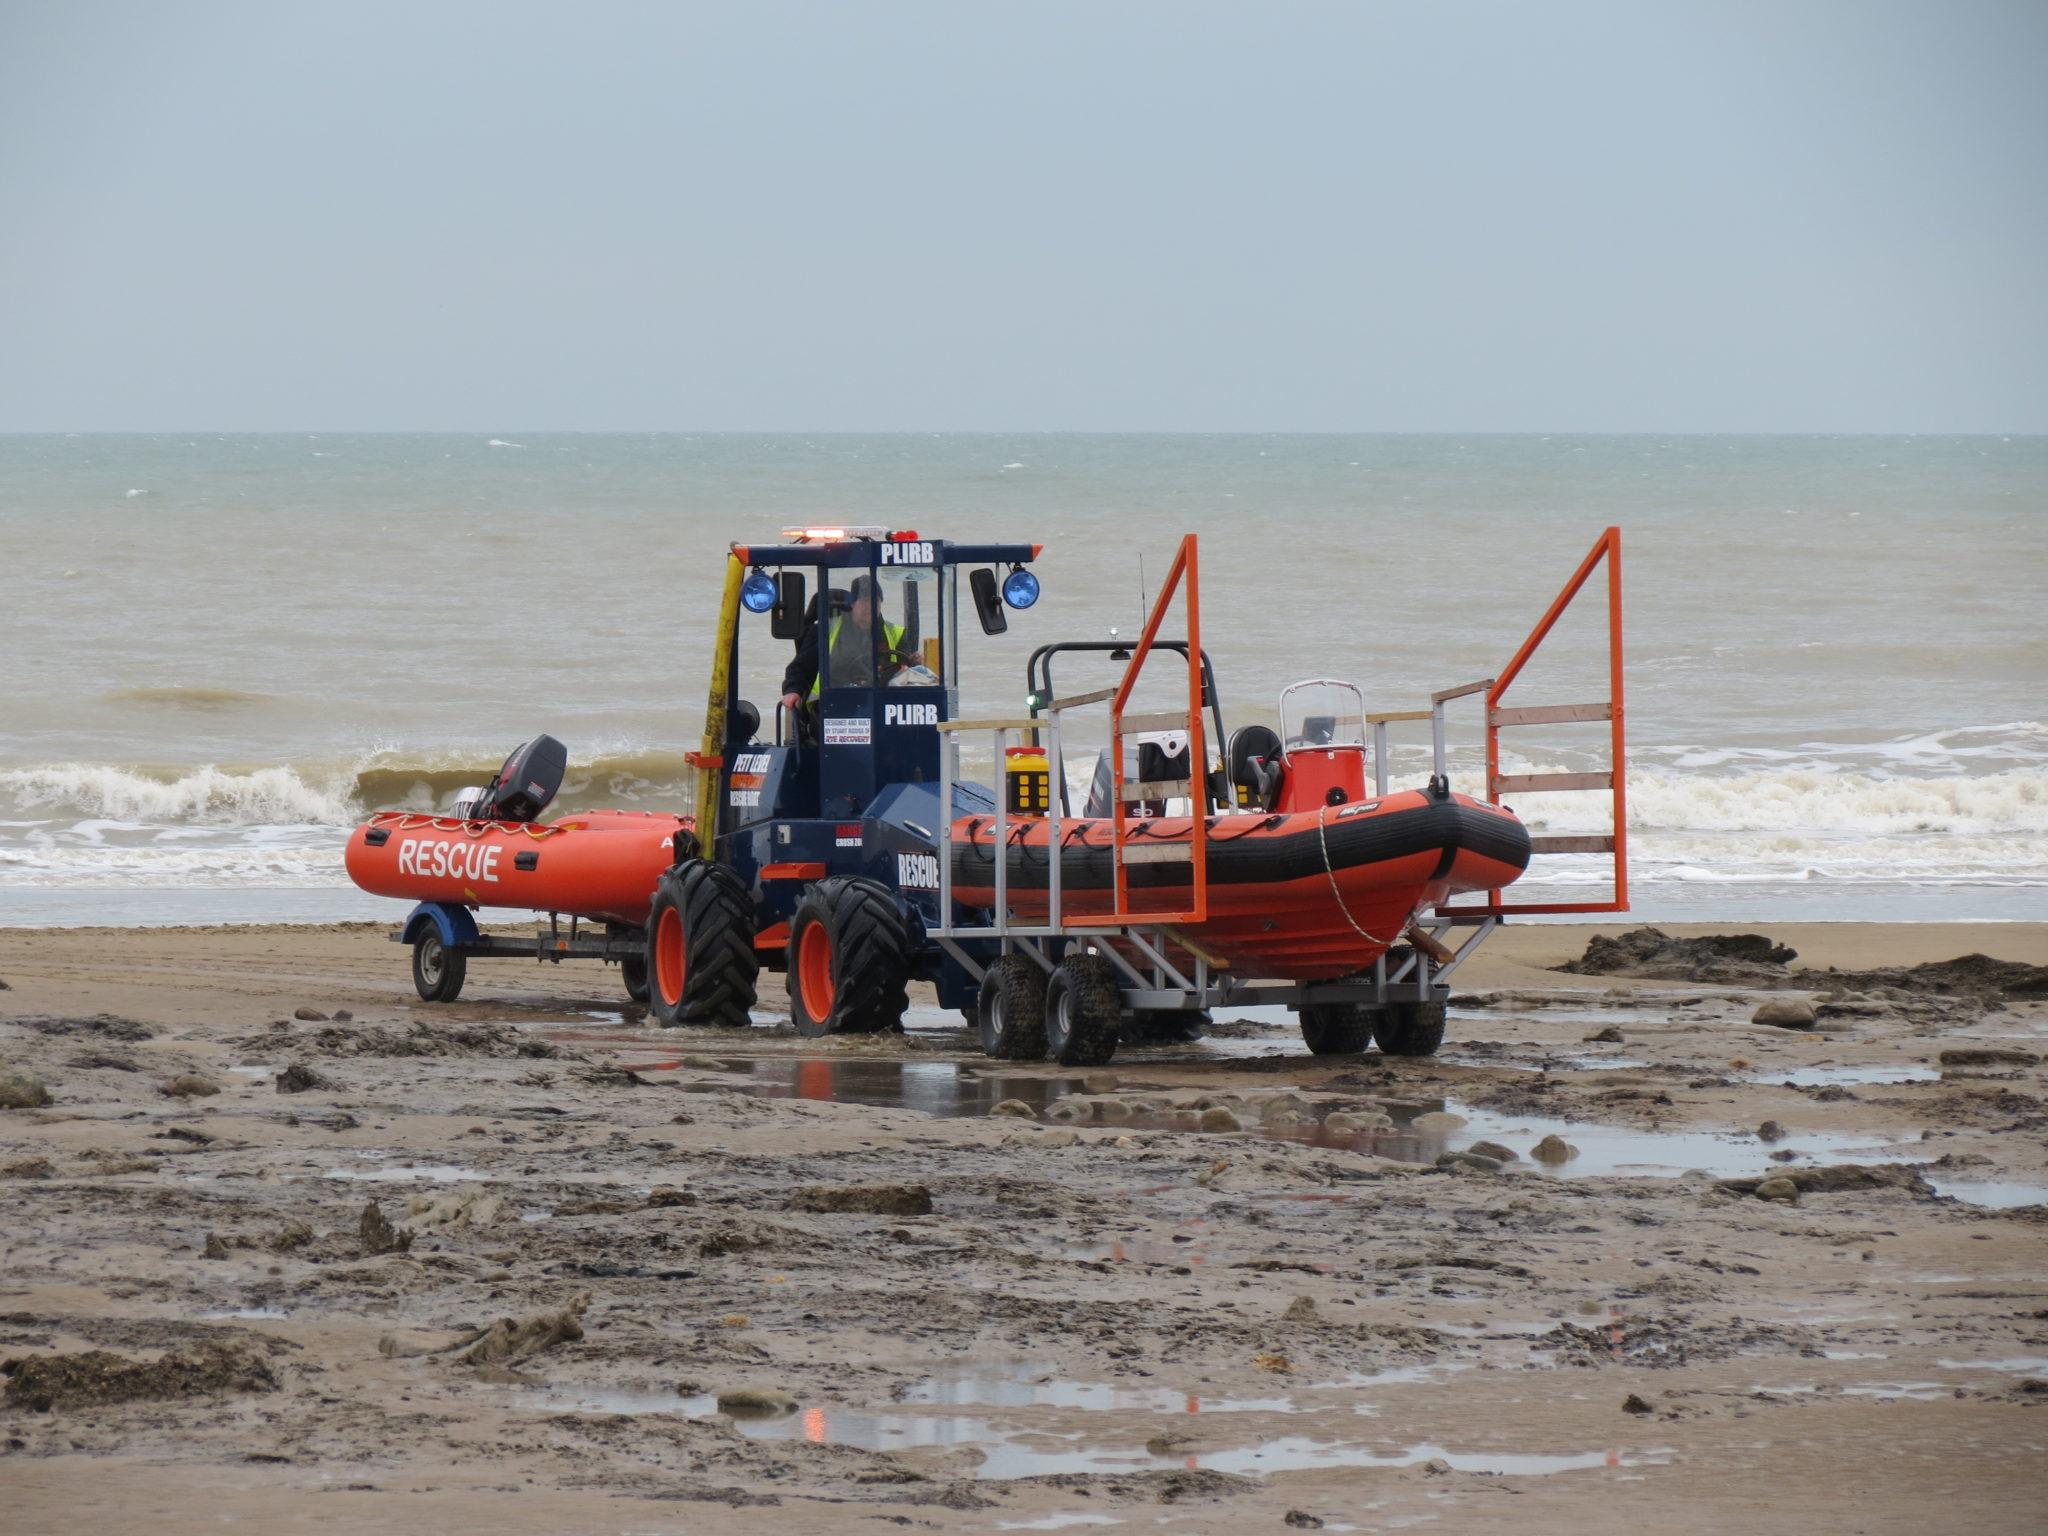 Low tide double boat launch